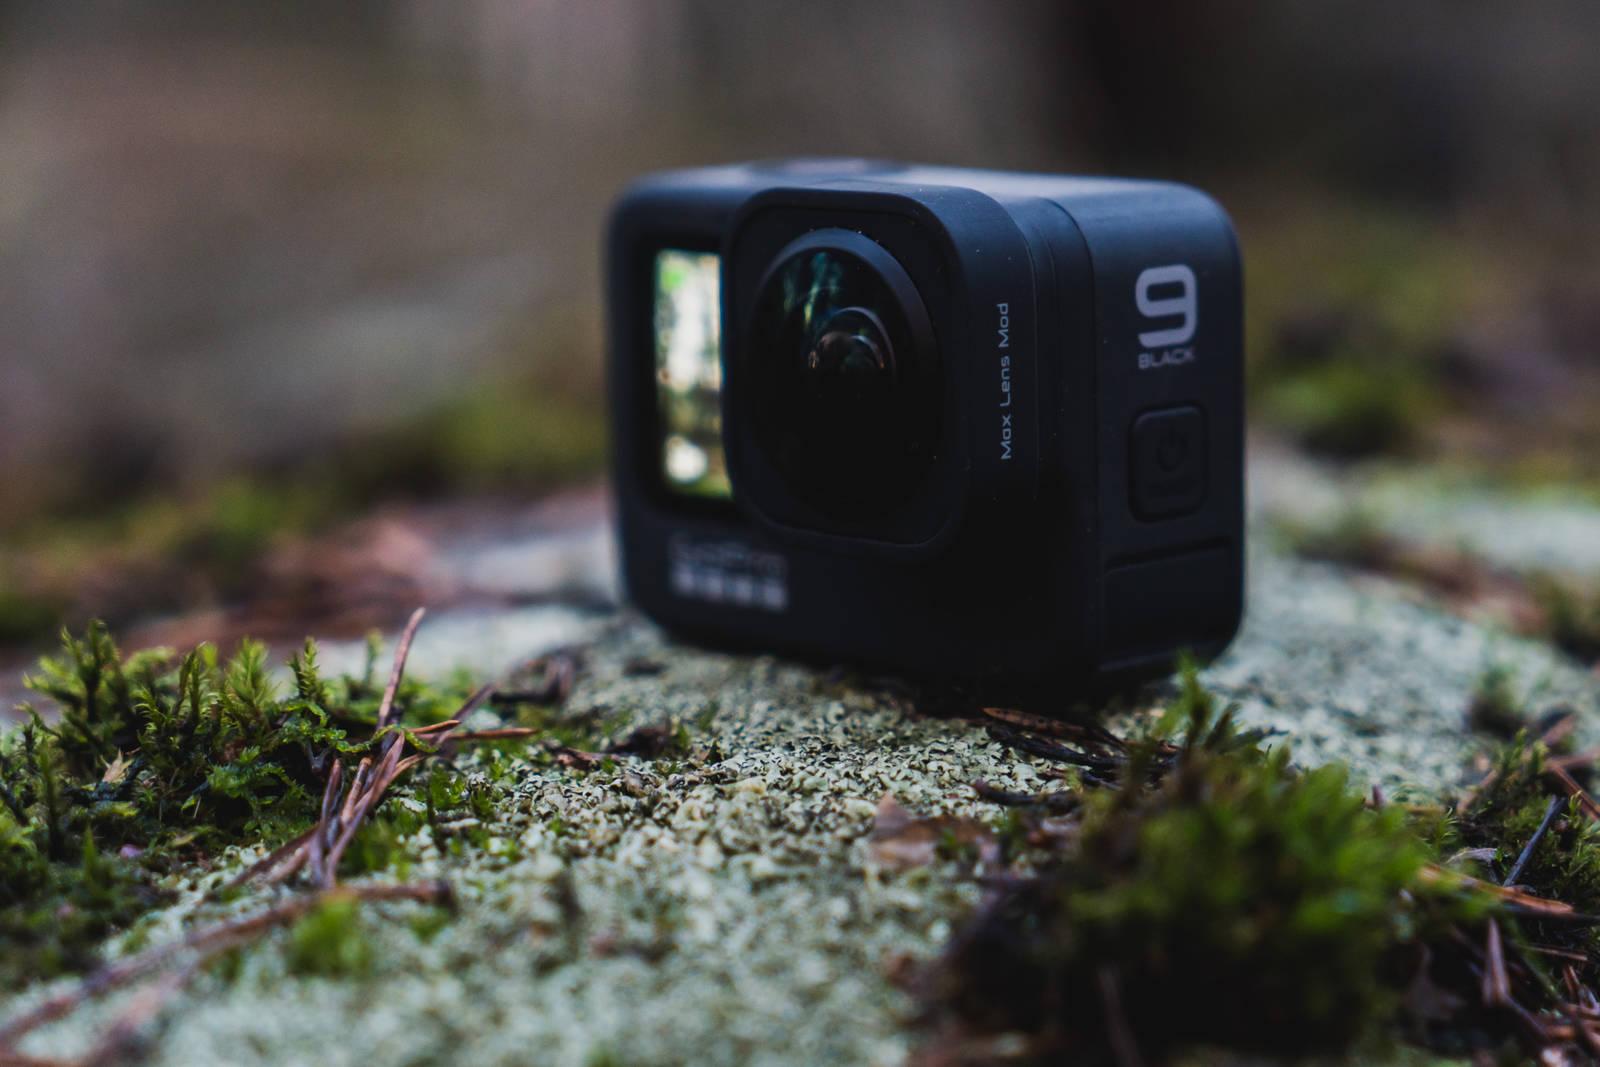 Max Lens Mod